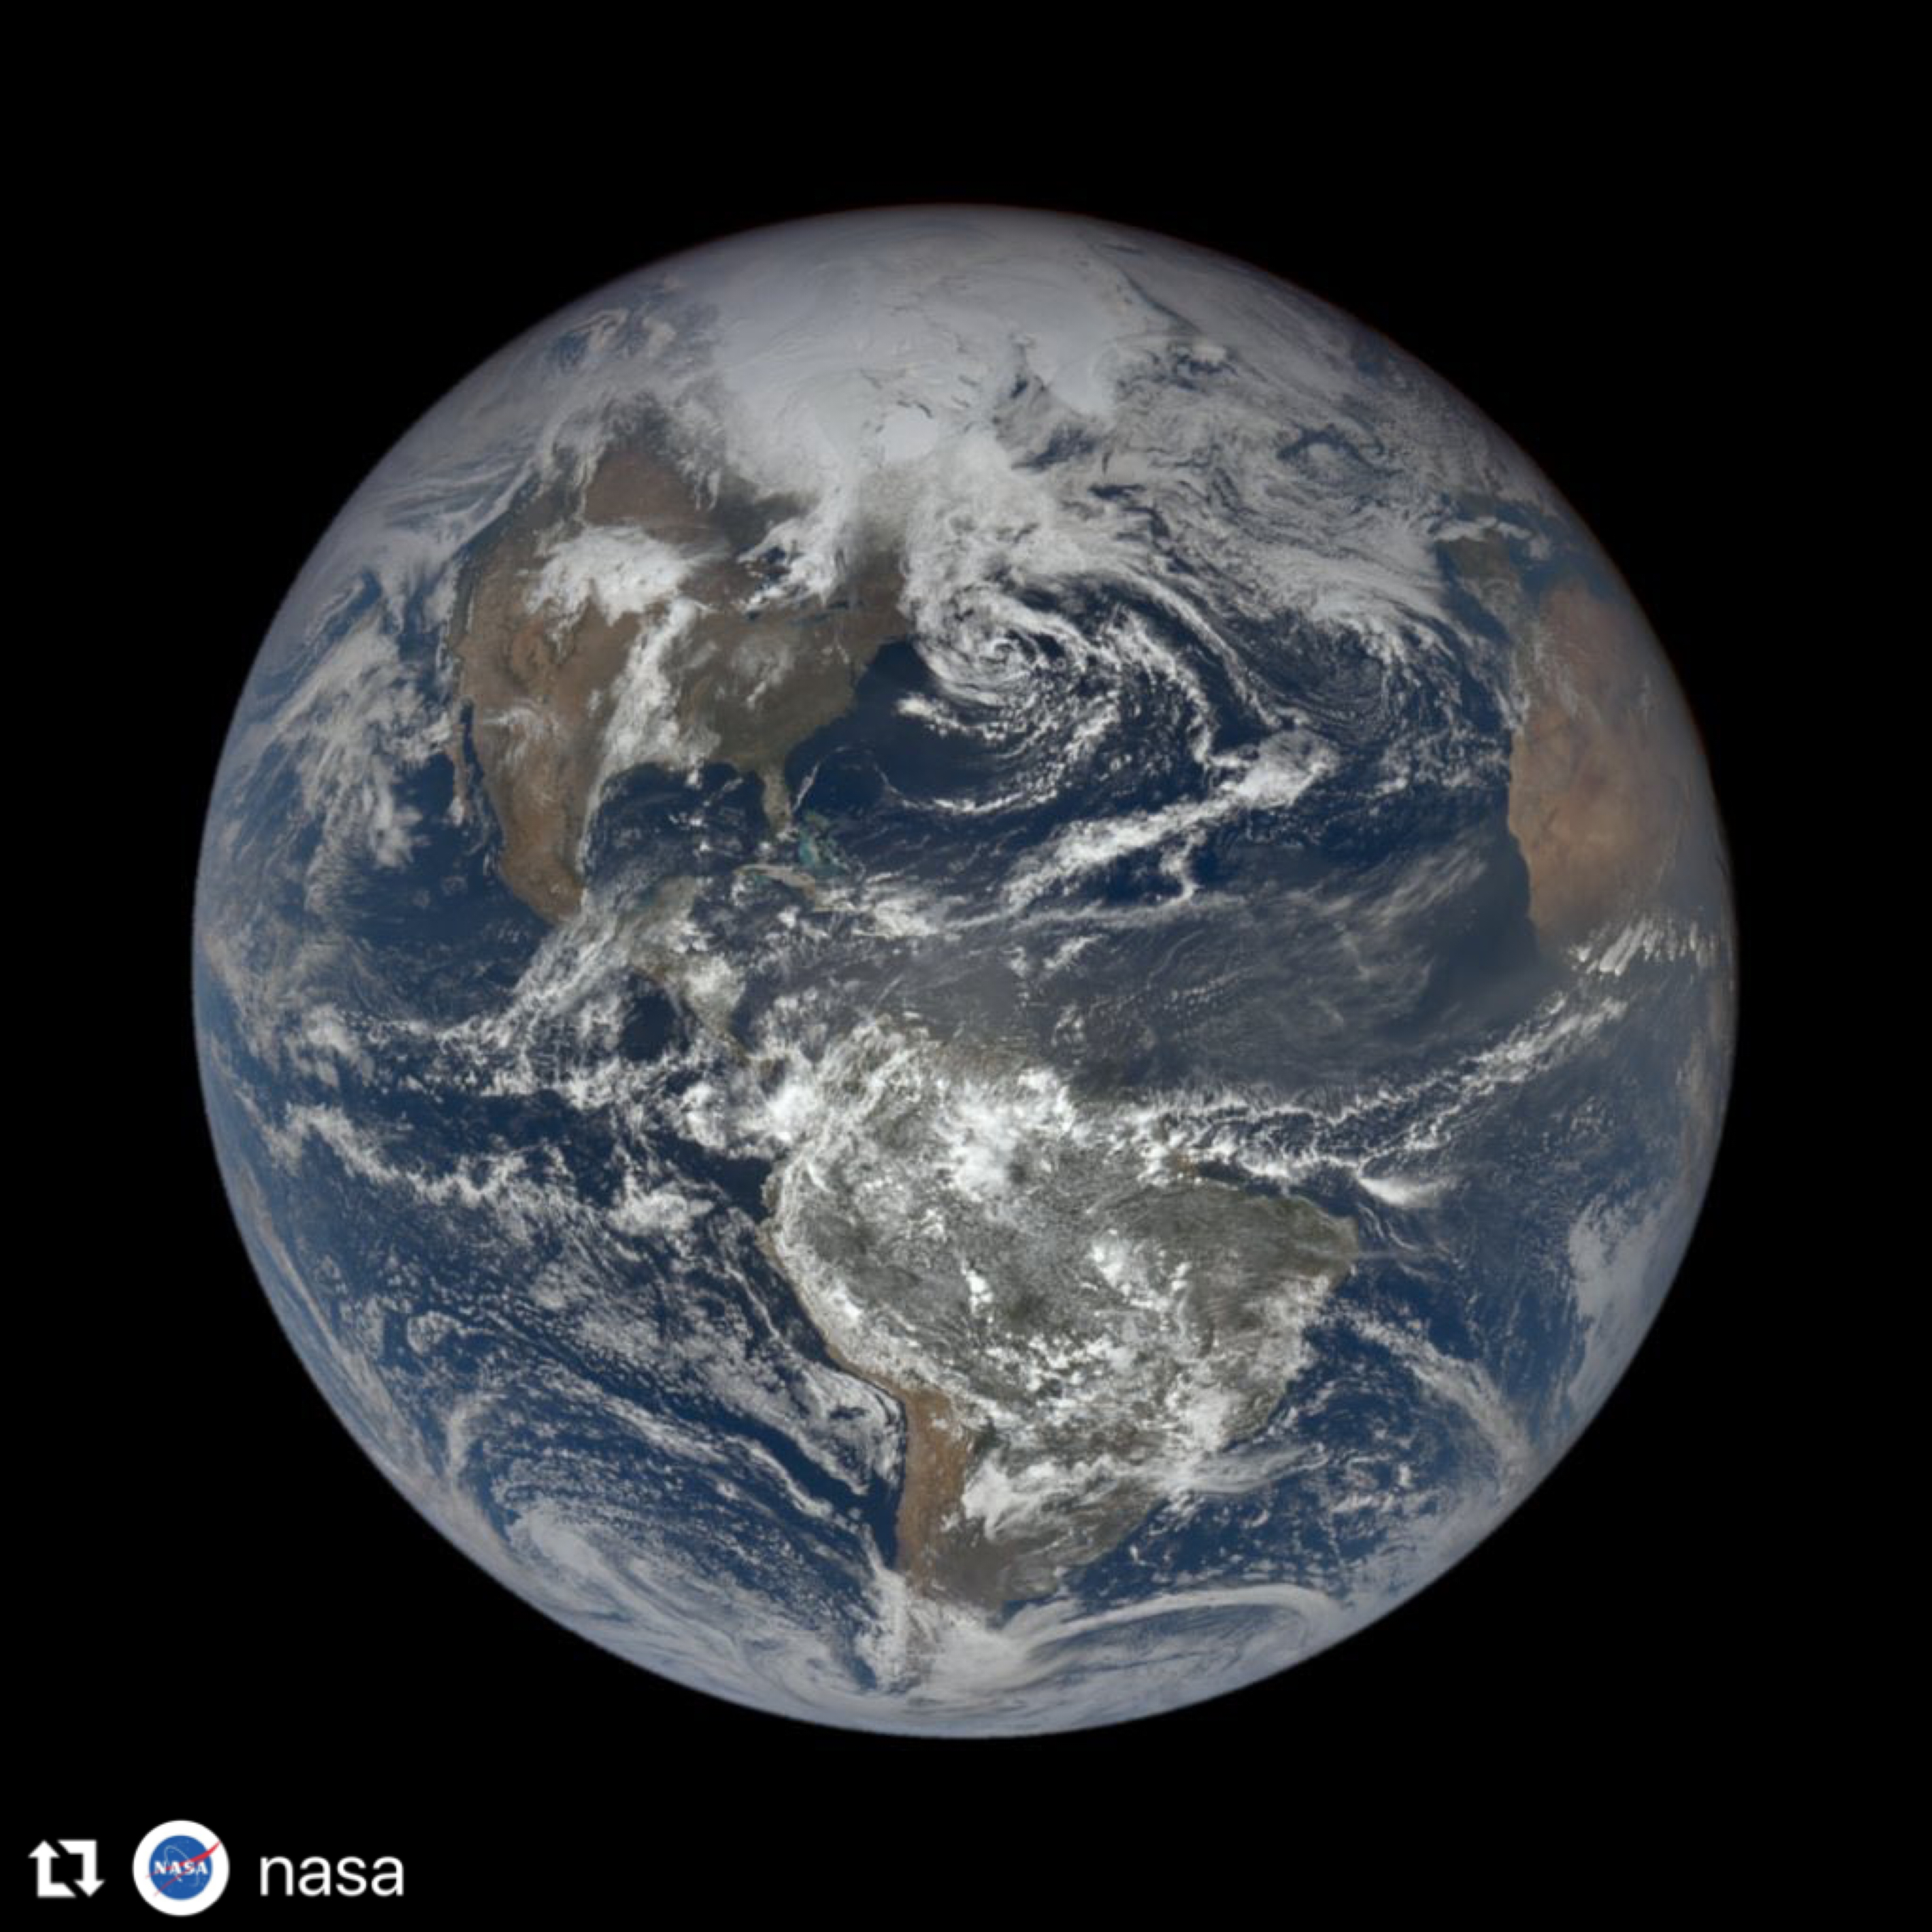 【Earth Day 2021】お知らせ